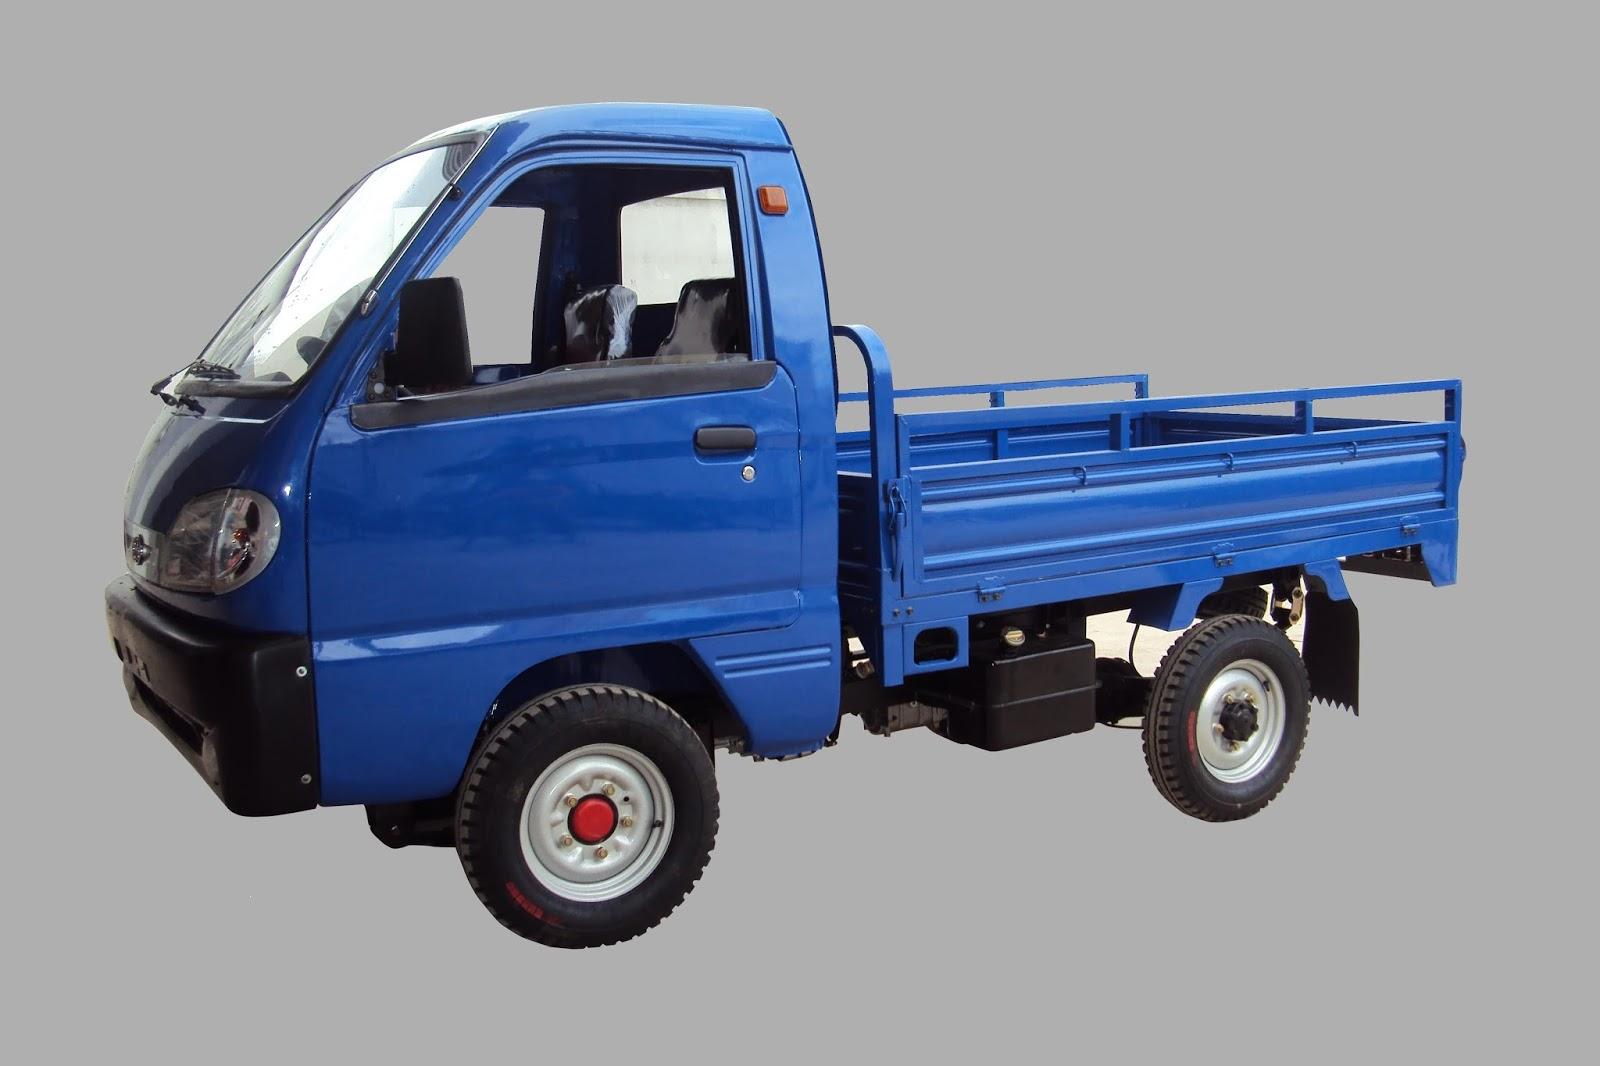 Xe tải chở hàng nhẹ được sử dụng rộng rãi